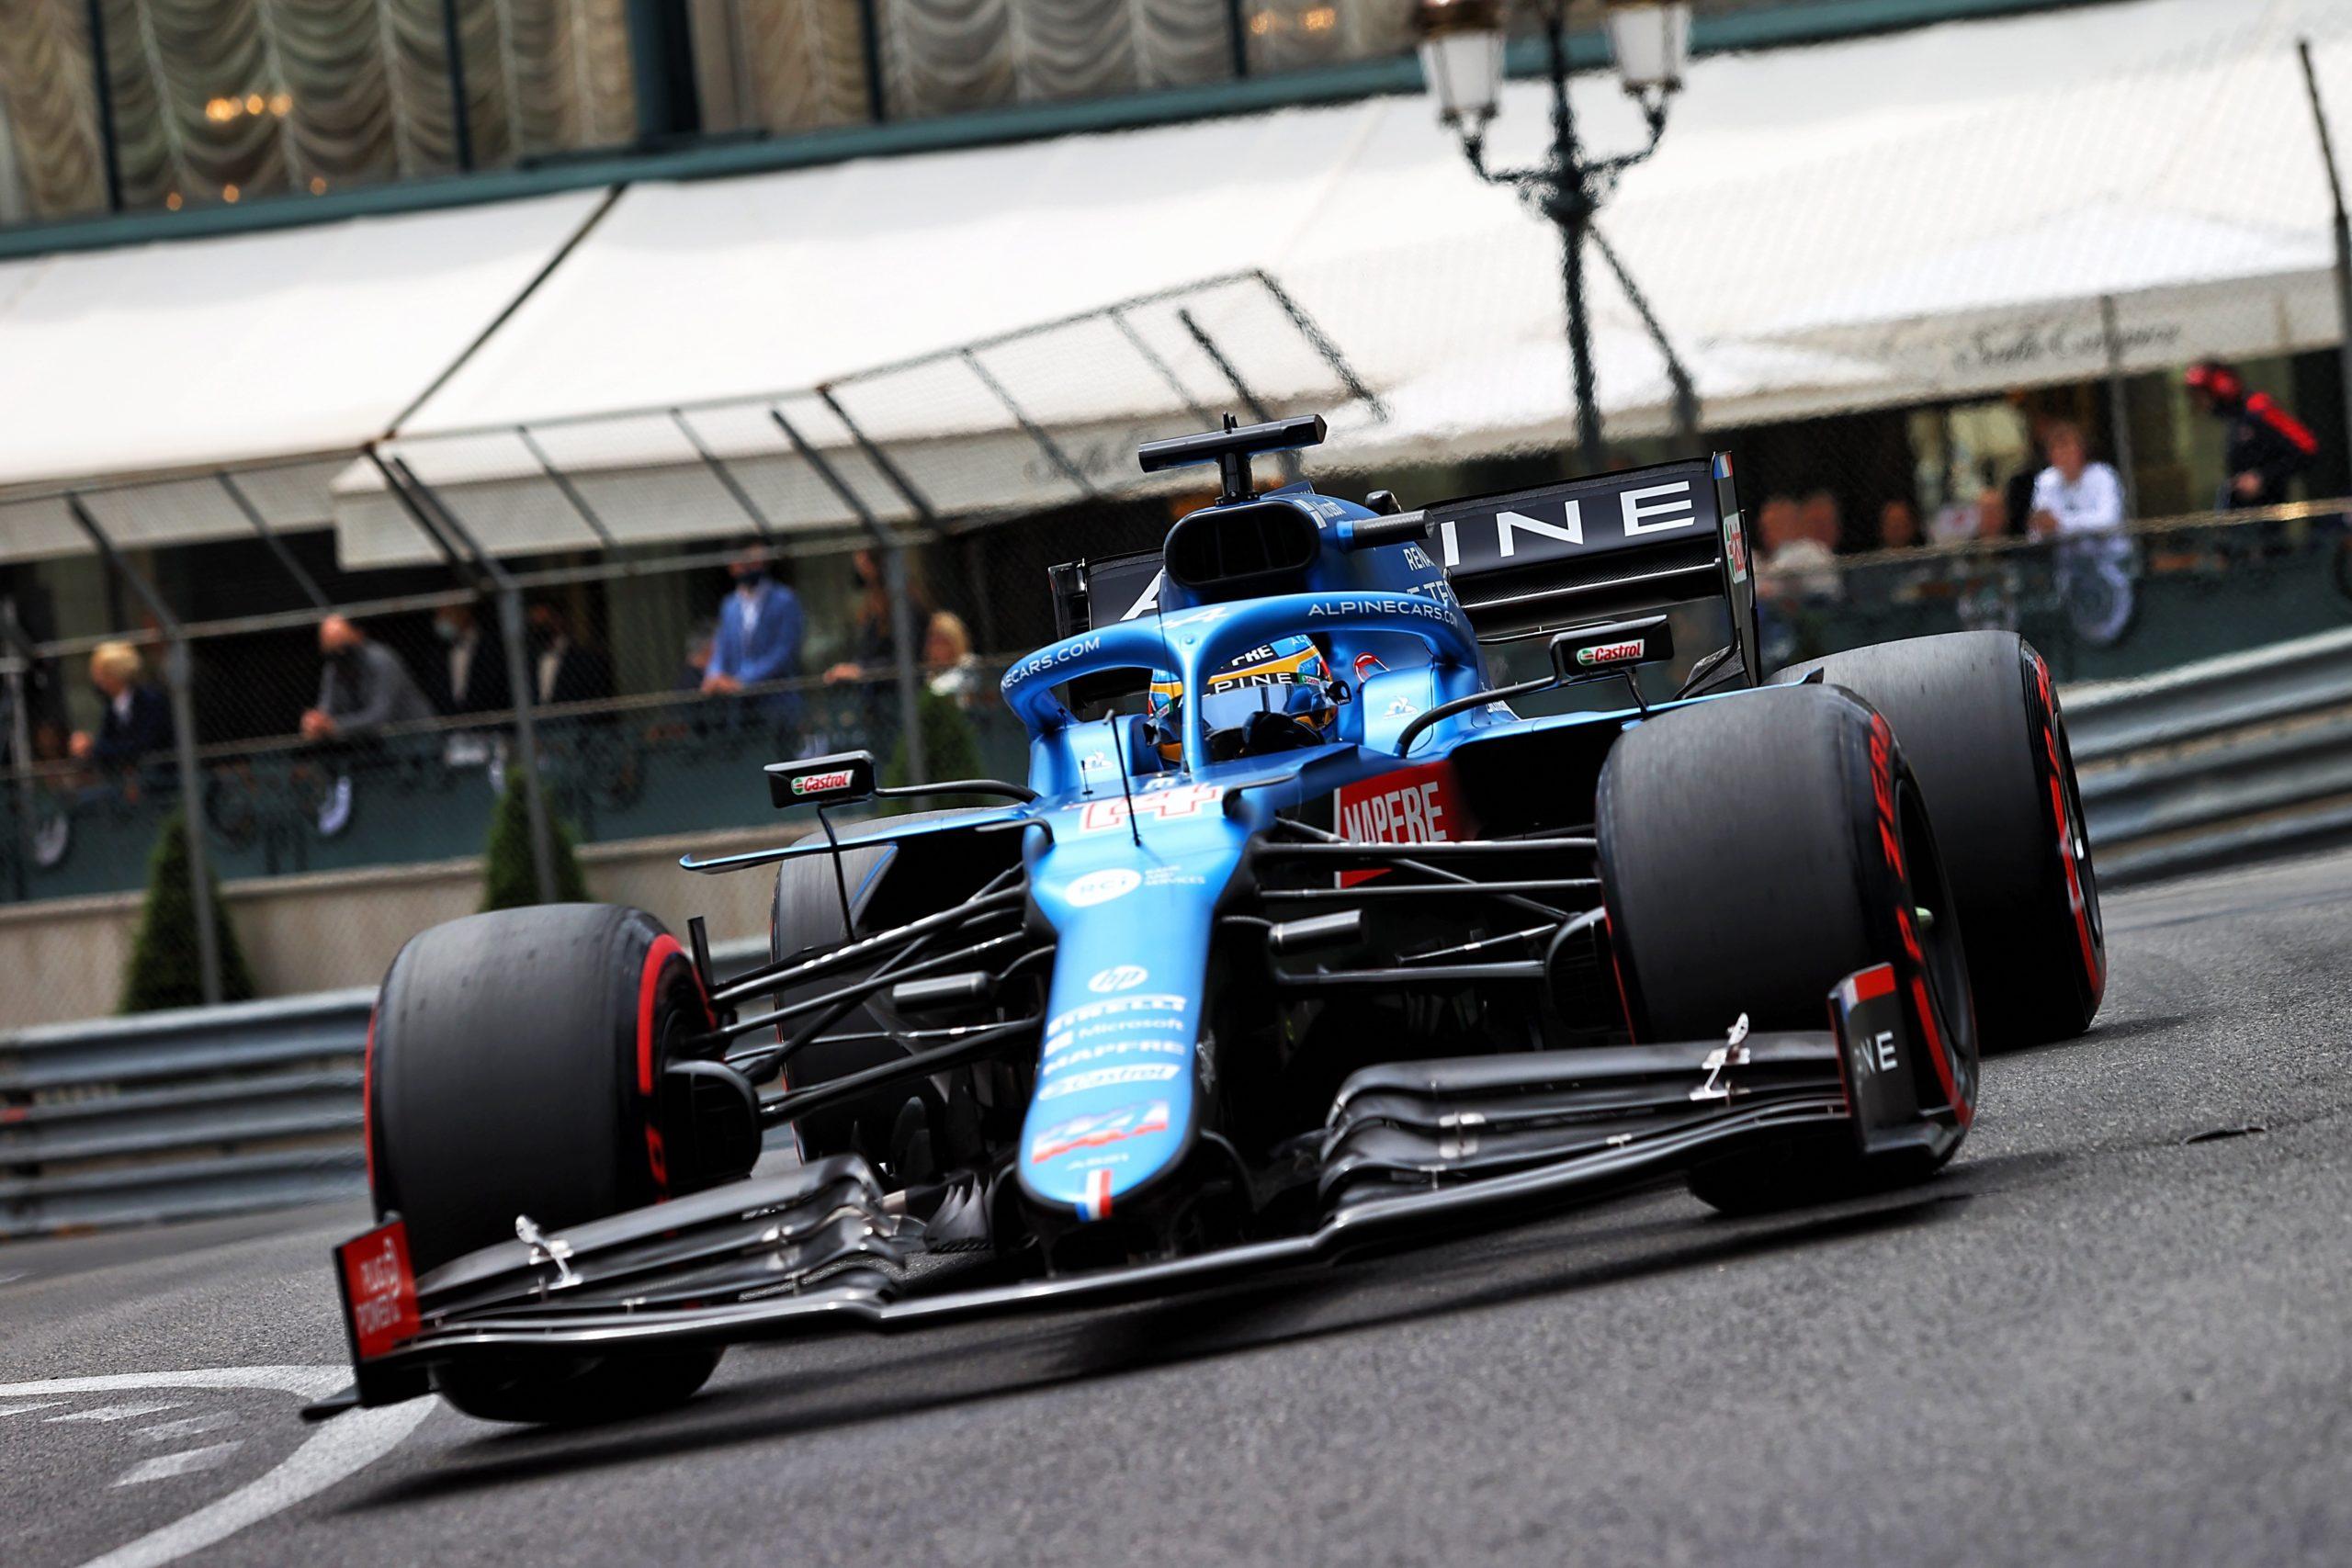 F1 - Alpine F1 désormais entièrement tournée sur 2022